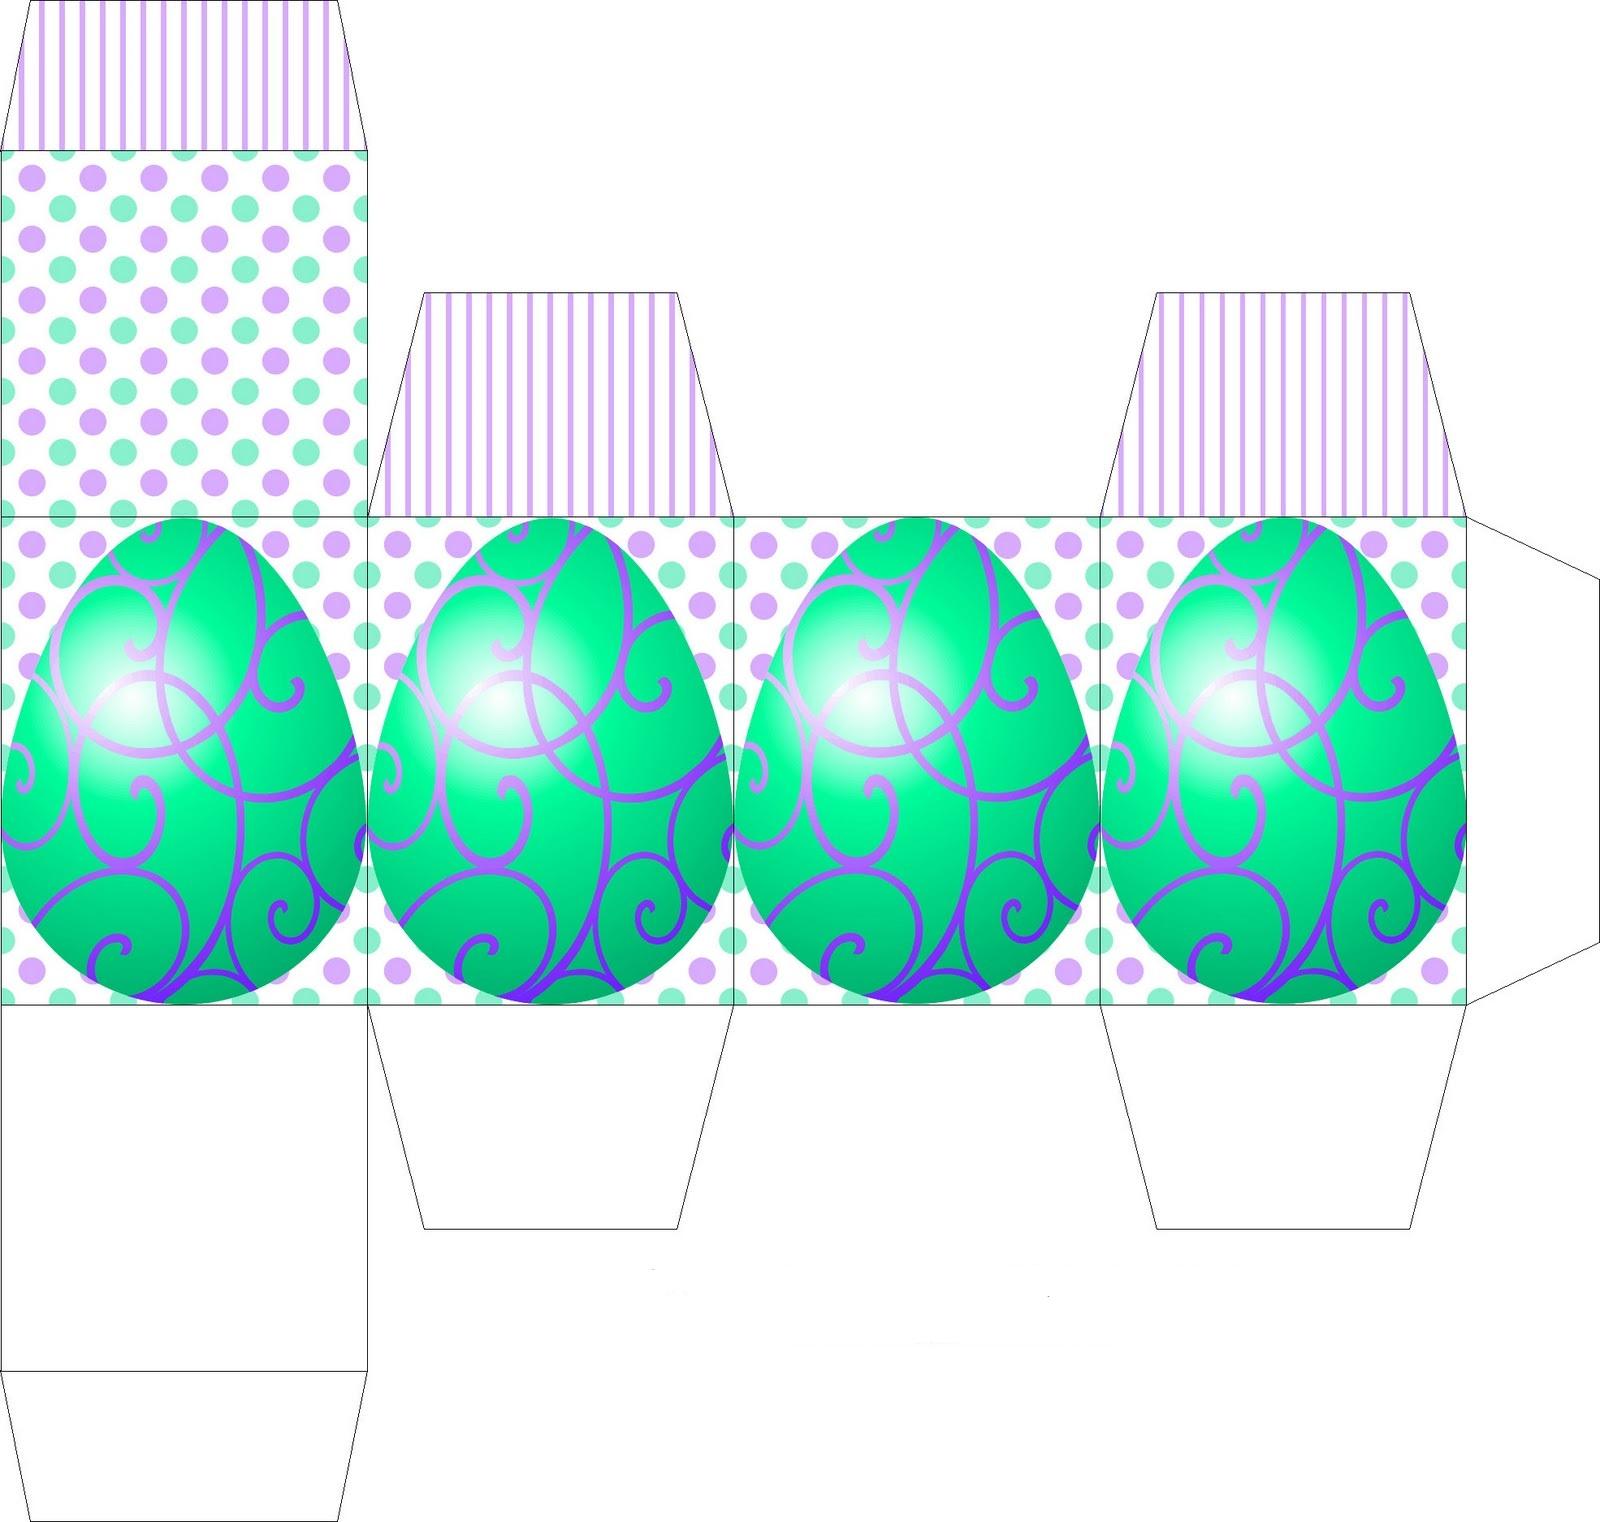 Возможно, для украшения пасхальных коробочек для яиц пригодятся и эти милые зайчики, так они мне понравились